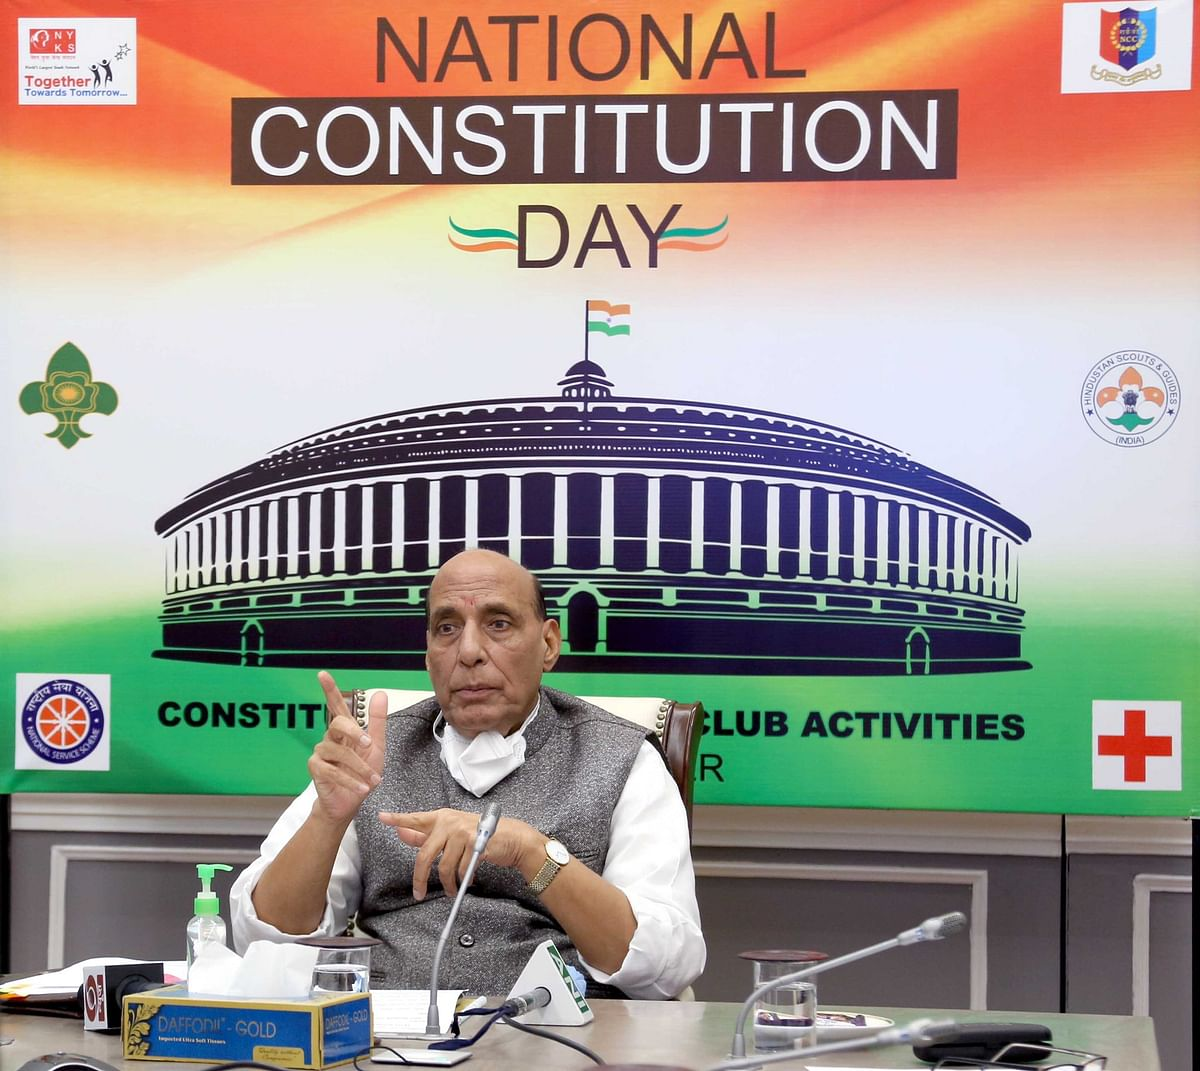 संविधान के मूल्यों को आत्मसात कर राष्ट्र निर्माण करें युवा: राजनाथ